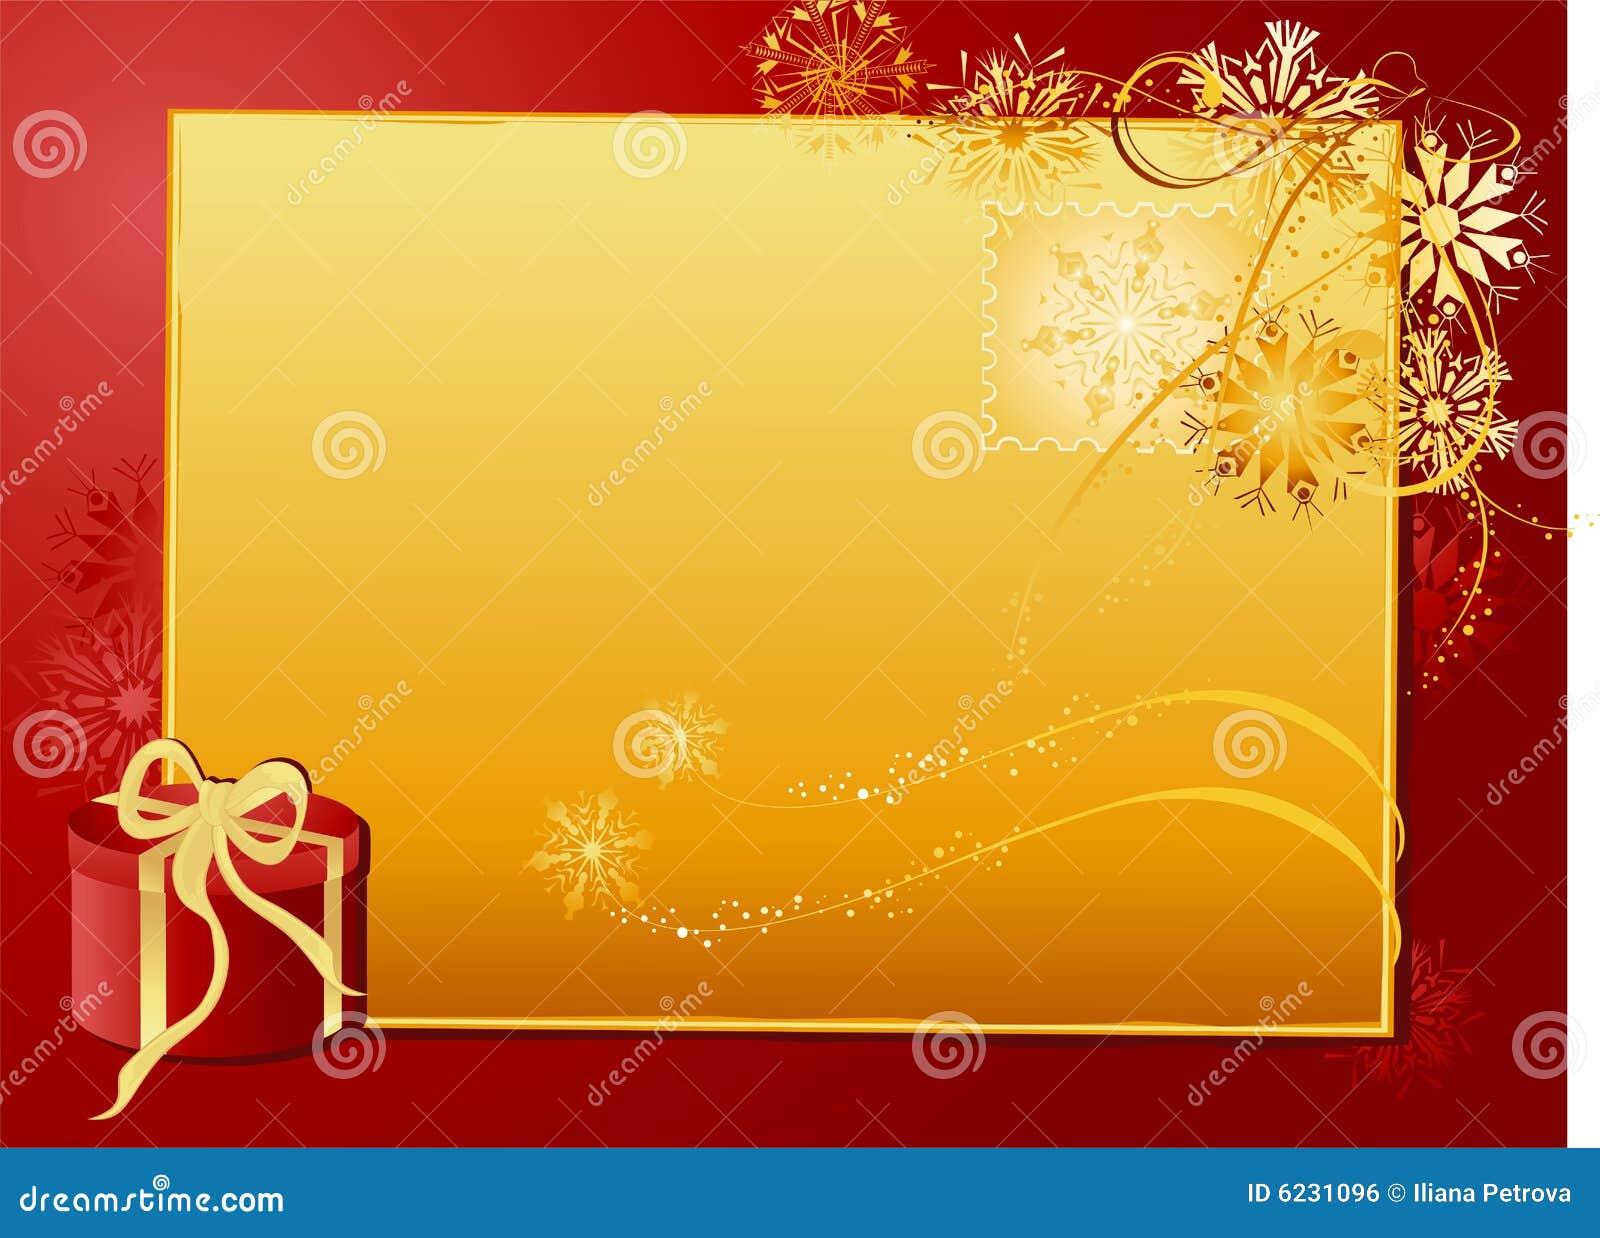 Christmas gold letter